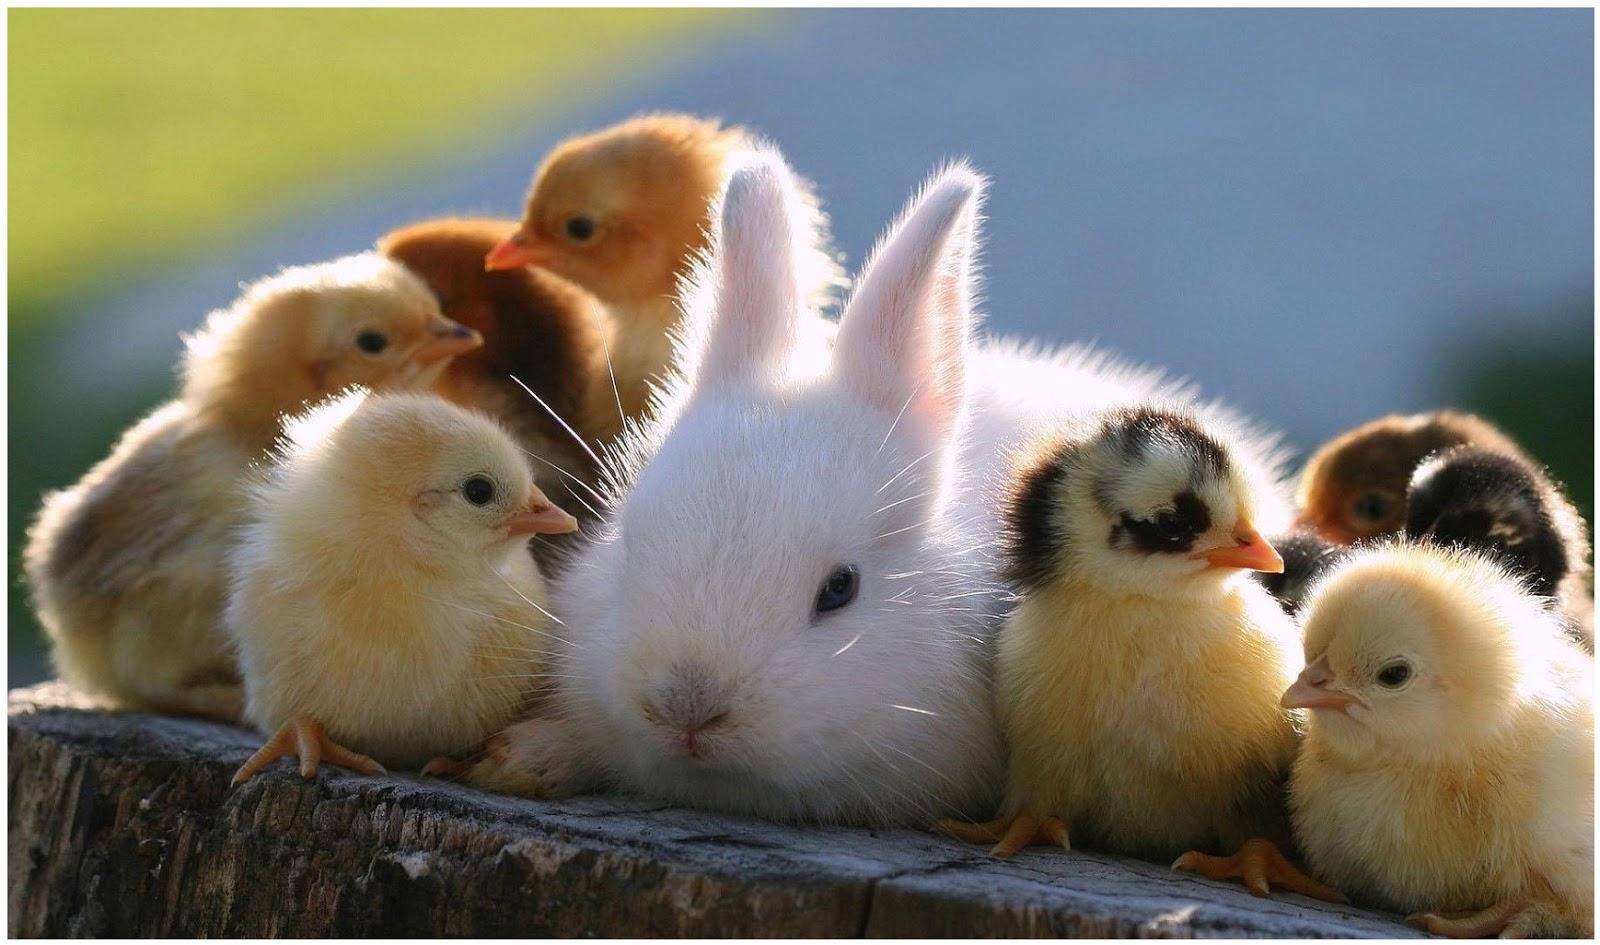 بالصور صور حيوانات مضحكة , صور حيوانات تموت من الضحك 4840 4